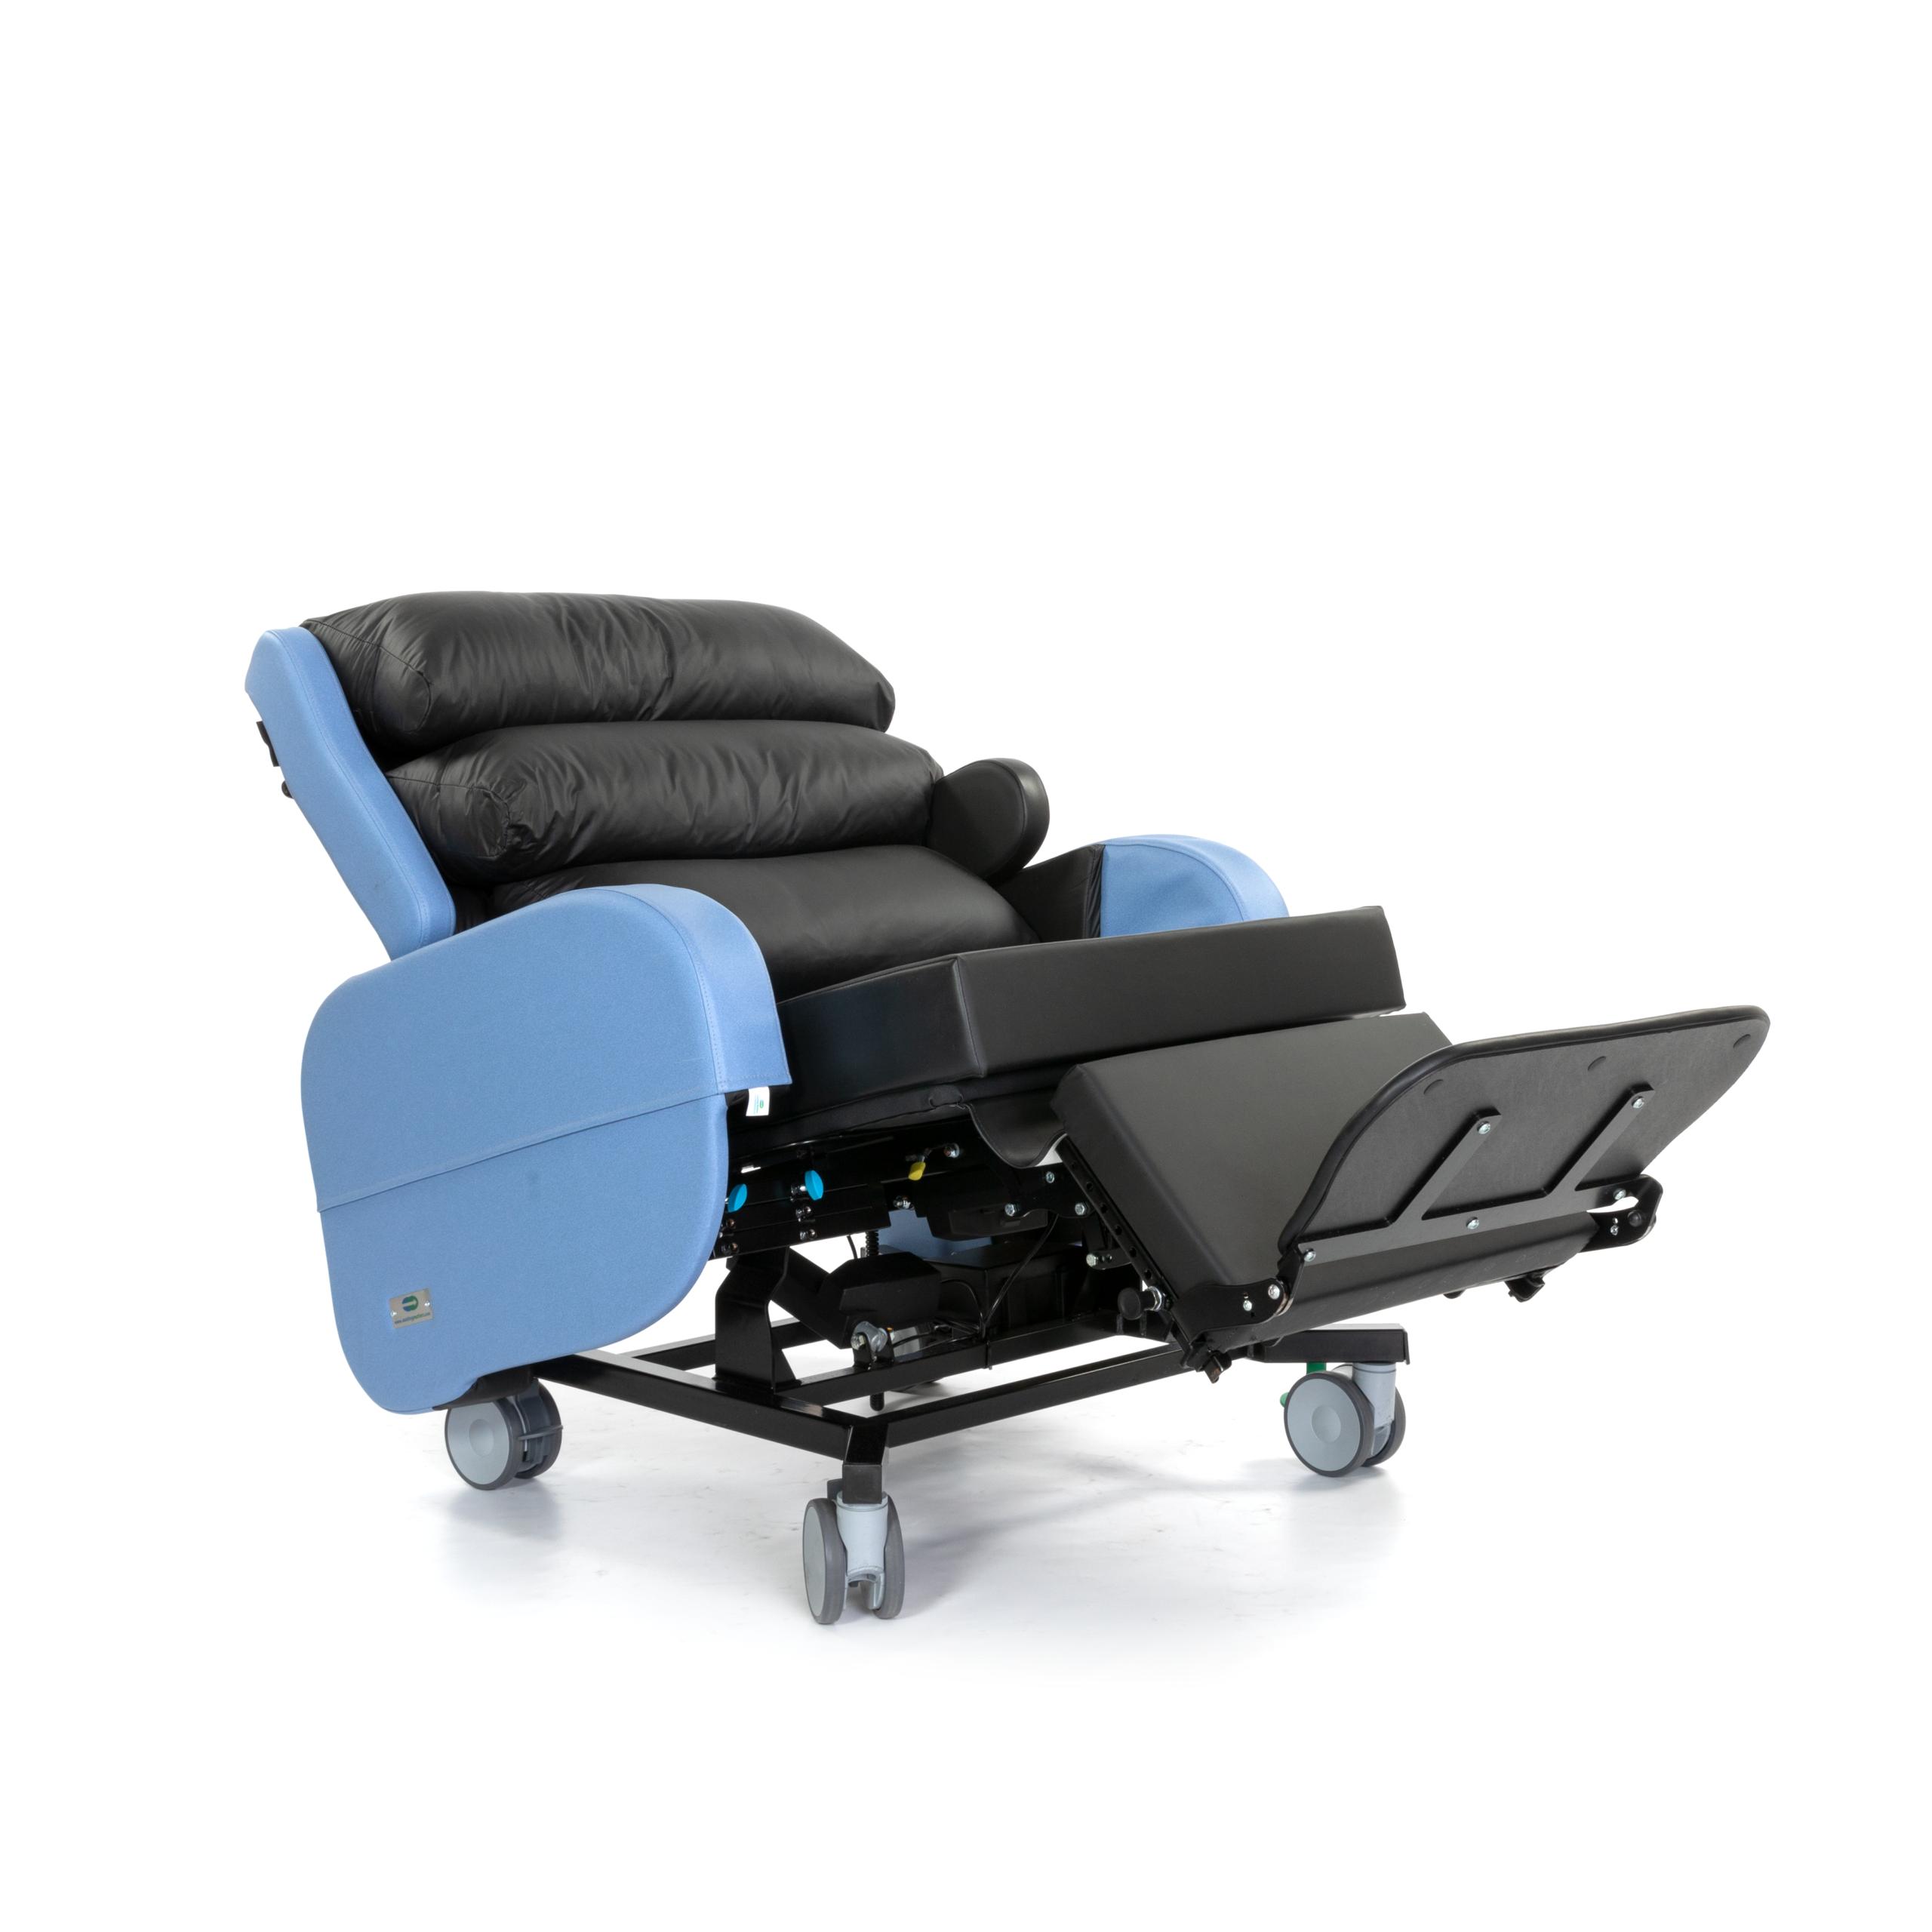 Zorgstoel voor obese bewoners Sorrento XL 03